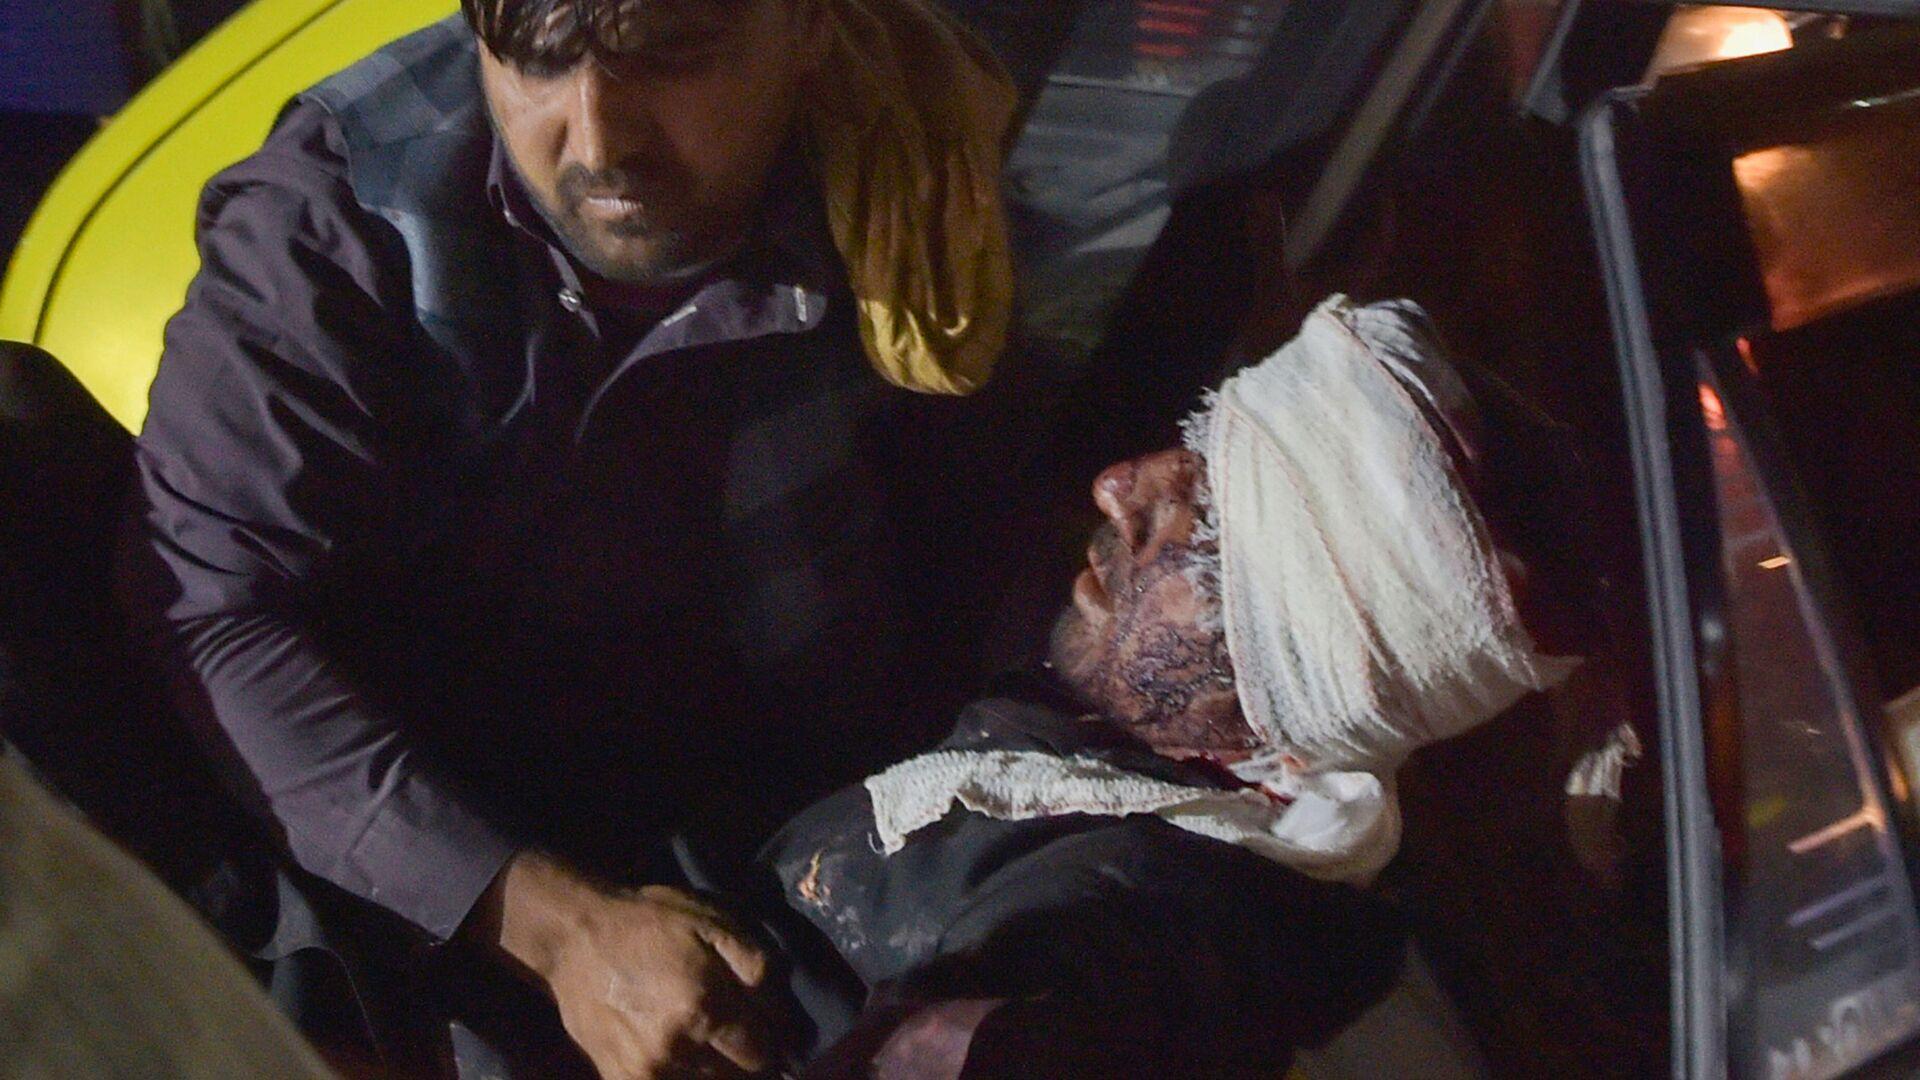 Un'esplosione è avvenuta al gate orientale fuori dall'aeroporto internazionale Hamid Karzai a Kabul - Sputnik Italia, 1920, 27.08.2021